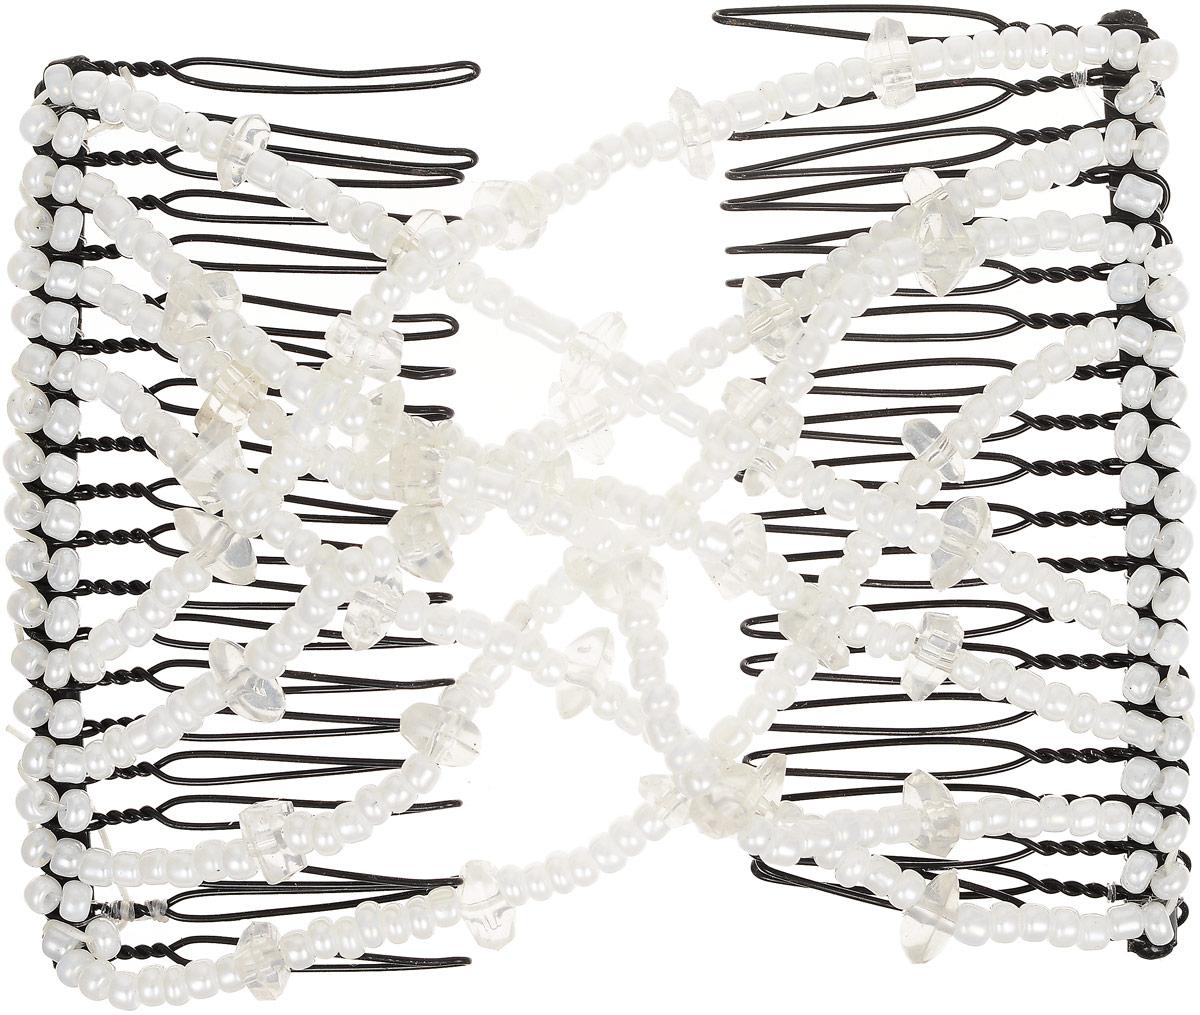 EZ-Combs Заколка Изи-Комбс, одинарная, цвет: белый. ЗИО_осколкиЗИО_белый/осколкиУдобная и практичная EZ-Combs подходит для любого типа волос: тонких, жестких, вьющихся или прямых, и не наносит им никакого вреда. Заколка не мешает движениям головы и не создает дискомфорта, когда вы отдыхаете или управляете автомобилем. Каждый гребень имеет по 20 зубьев для надежной фиксации заколки на волосах! И даже во время бега и интенсивных тренировок в спортзале EZ-Combs не падает; она прочно фиксирует прическу, сохраняя укладку в первозданном виде. Небольшая и легкая заколка для волос EZ-Combs поместится в любой дамской сумочке, позволяя быстро и без особых усилий создавать неповторимые прически там, где вам это удобно. Гребень прекрасно сочетается с любой одеждой: будь это классический или спортивный стиль, завершая гармоничный облик современной леди. И неважно, какой образ жизни вы ведете, если у вас есть EZ-Combs, вы всегда будете выглядеть потрясающе.